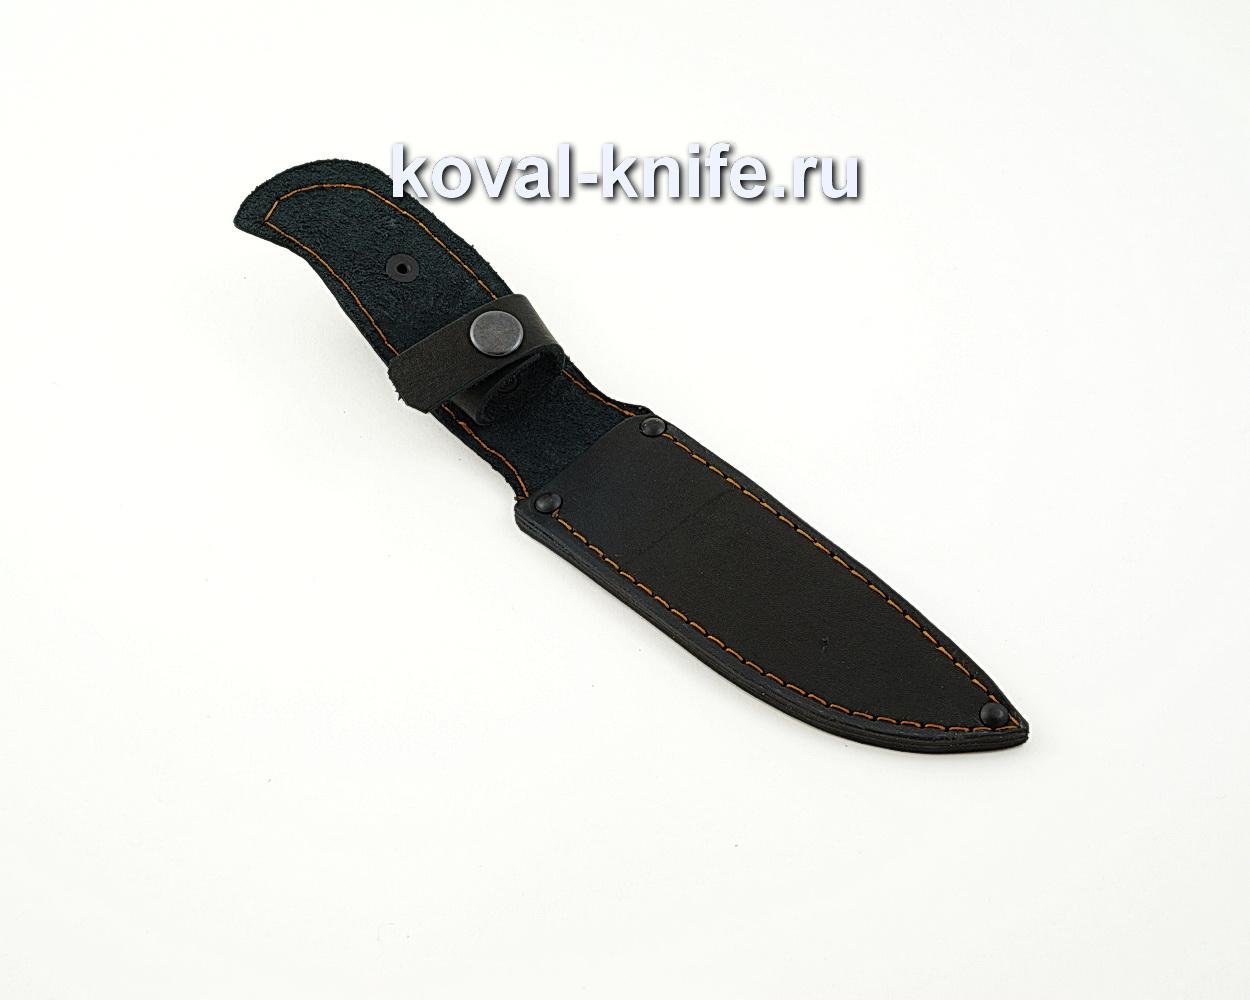 Кожаный чехол (нож Финка)